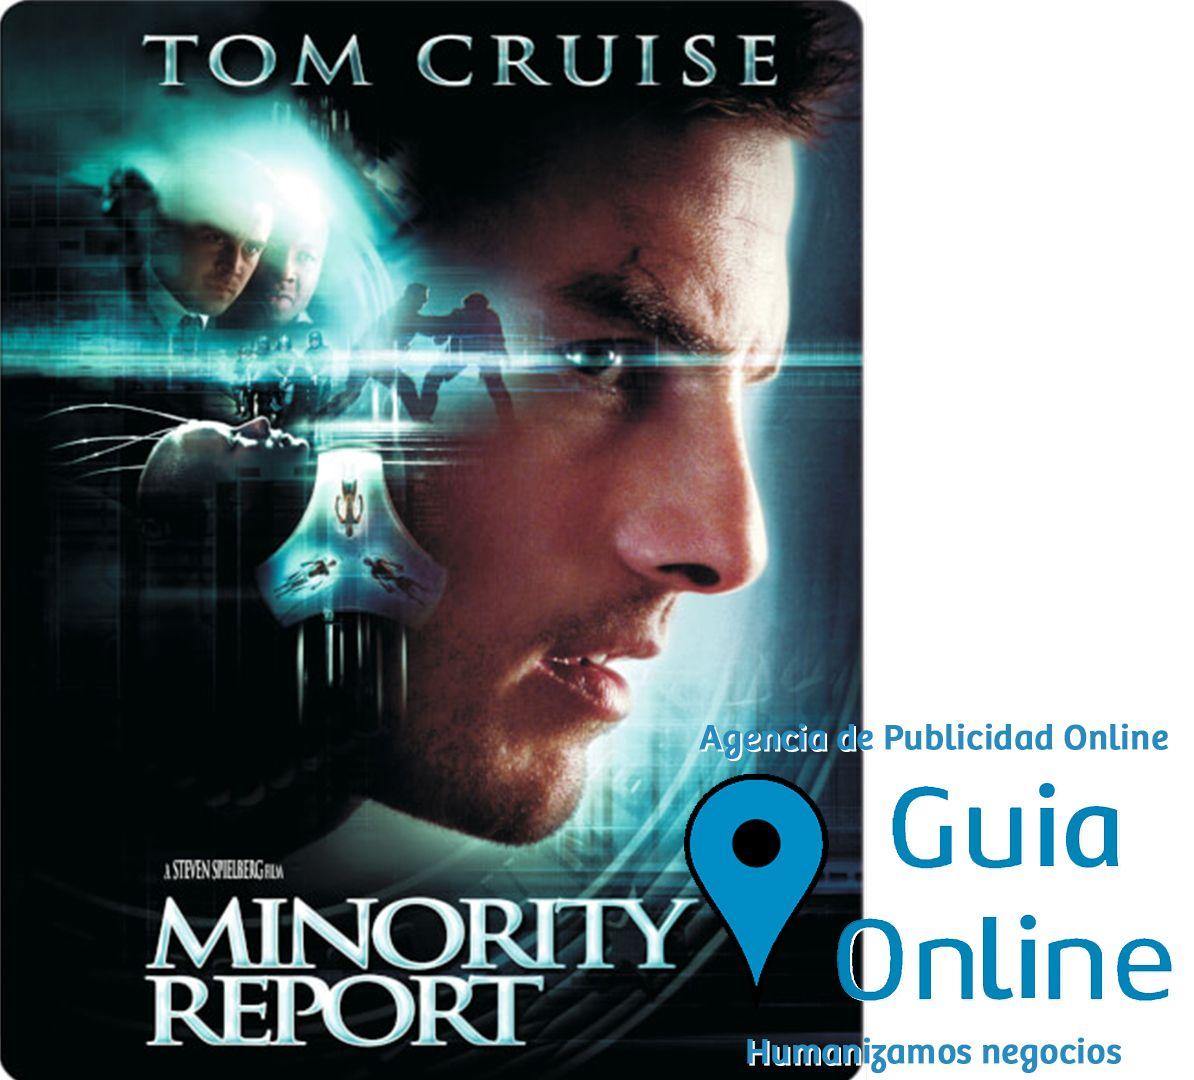 Peliculas Sobre Publicidad Minority Report 2002 Conoces Mas Peliculas Que Traten Sobre La Public Agencia De Publicidad Publicidad Peliculas